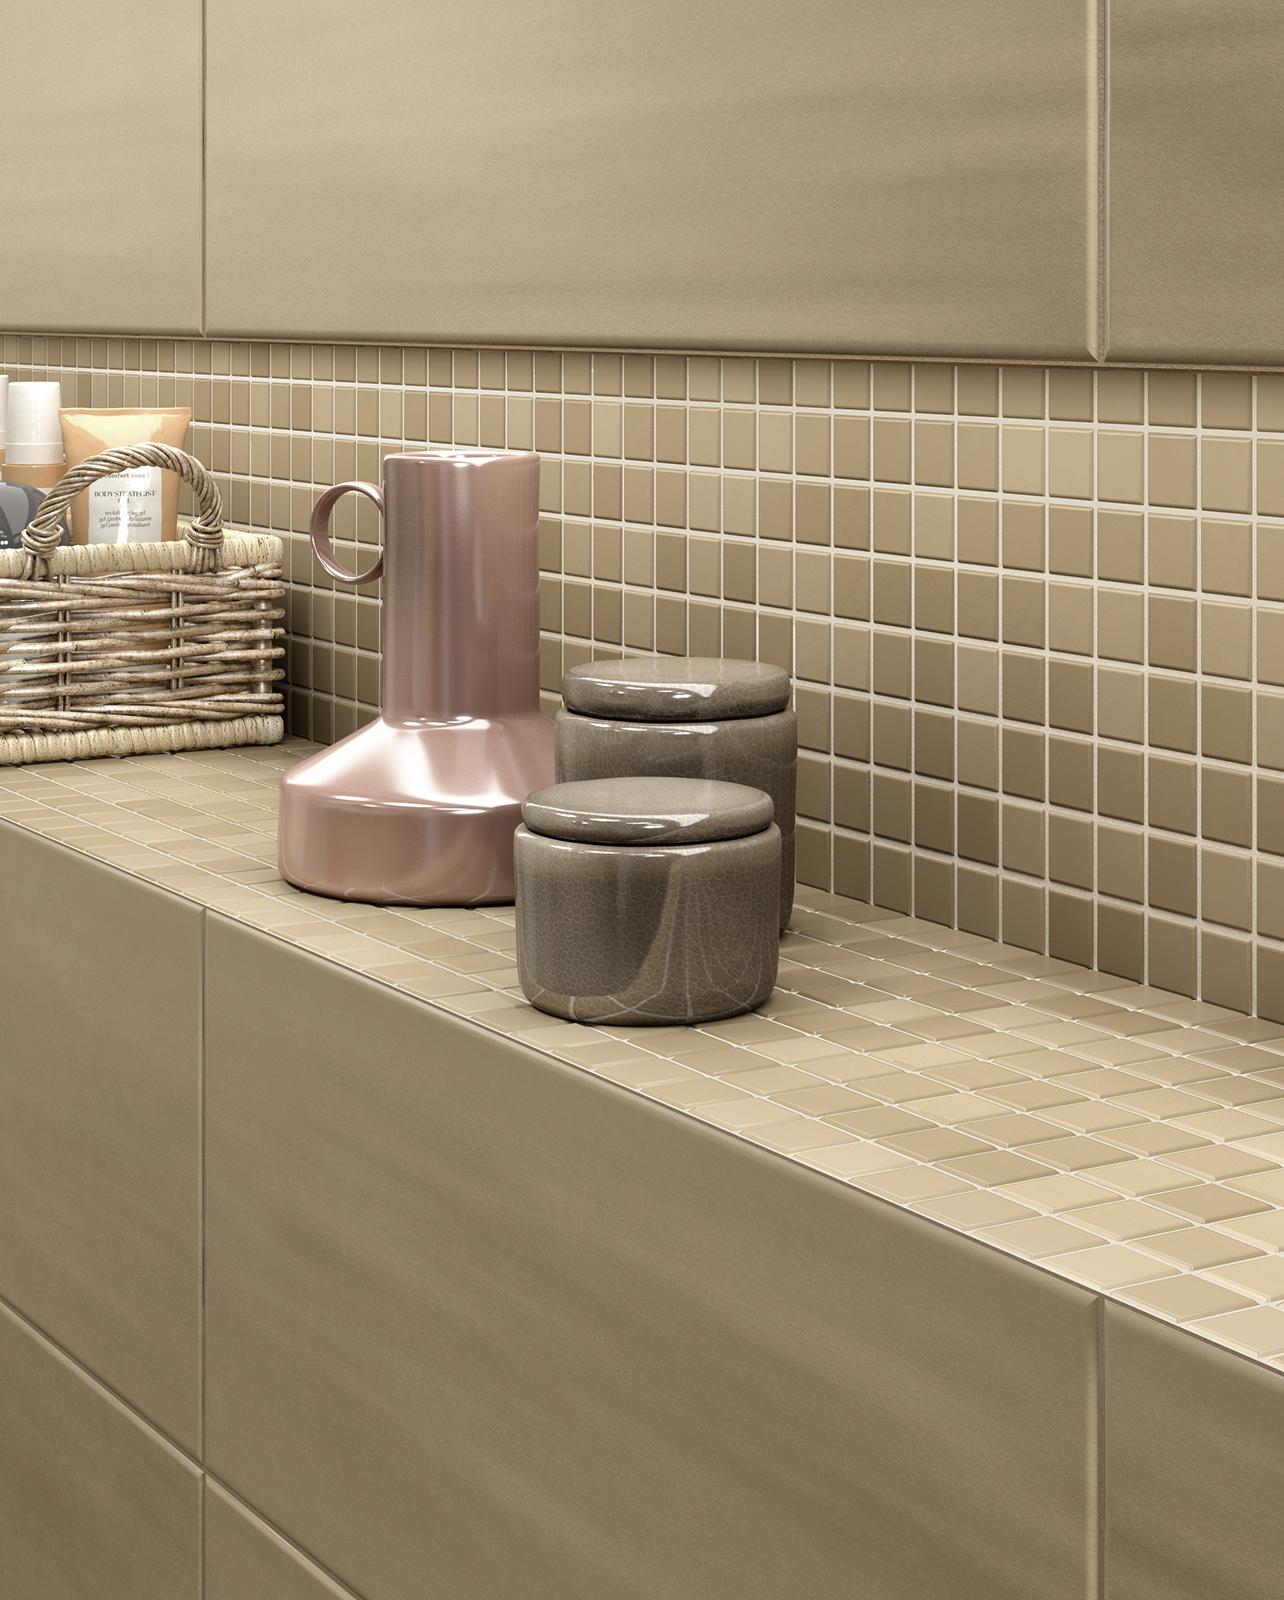 Piastrelle a mosaico per bagno e altri ambienti marazzi - Rivestimenti cucina marazzi ...